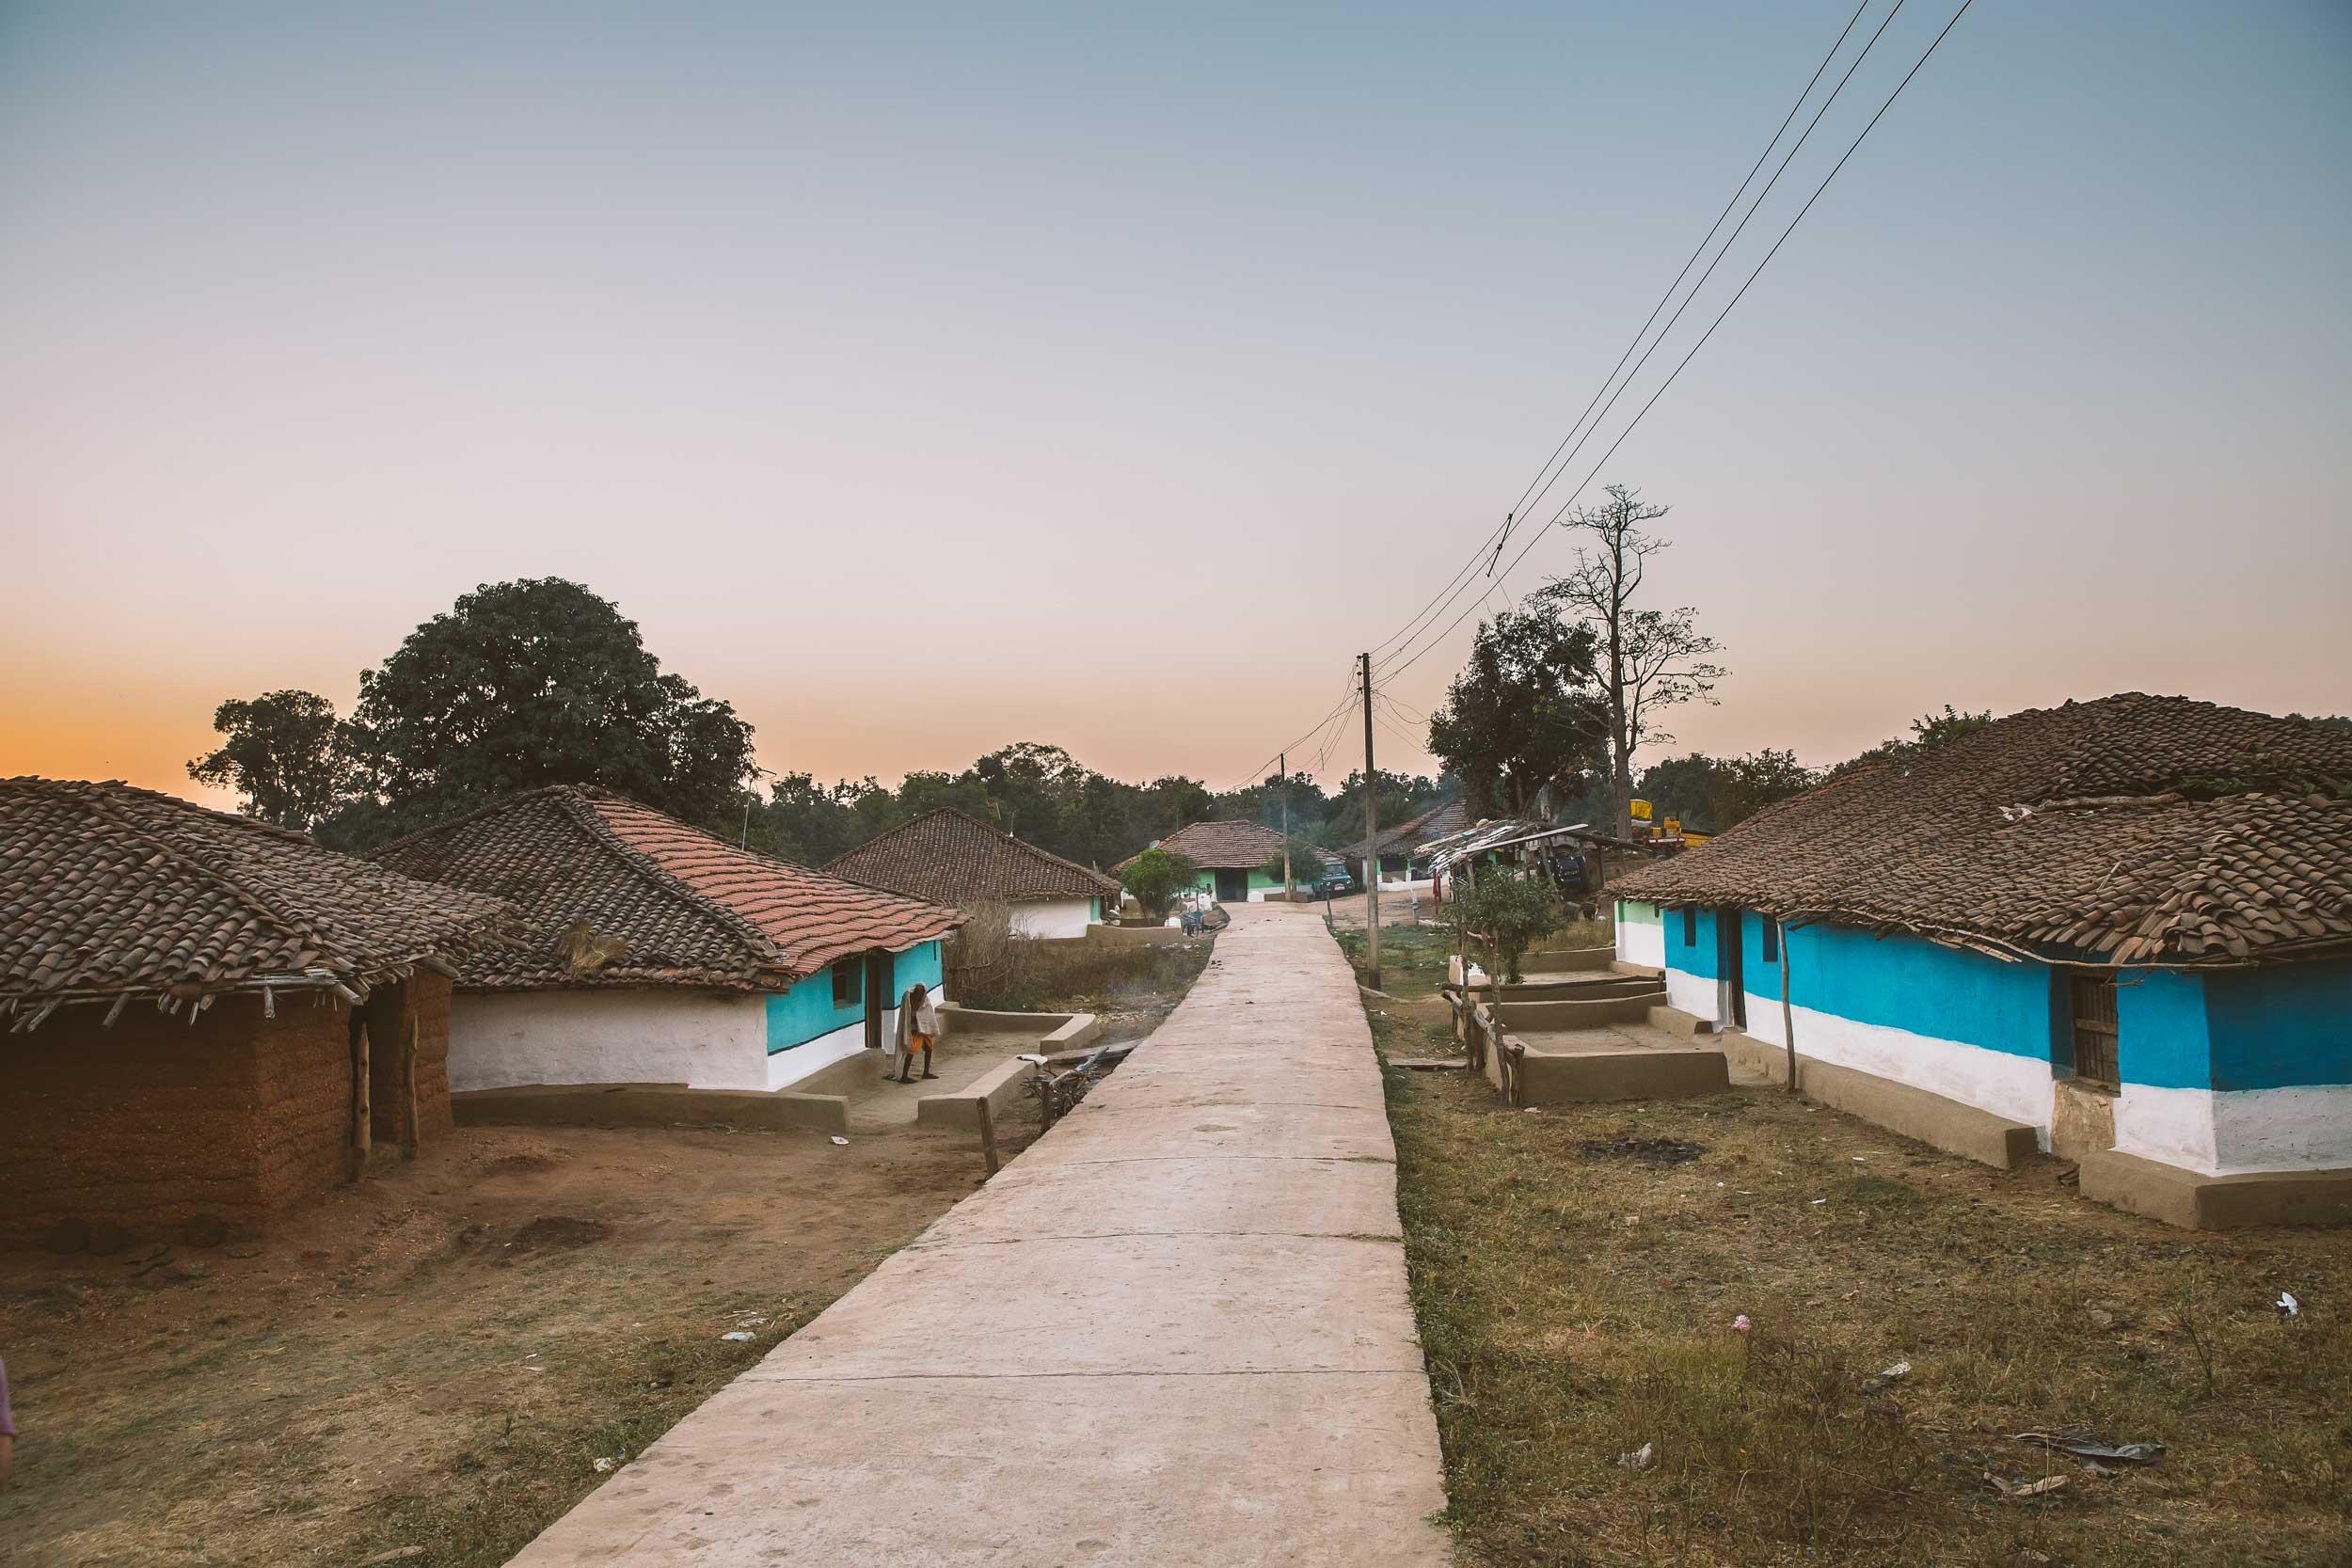 Village-1327.jpg